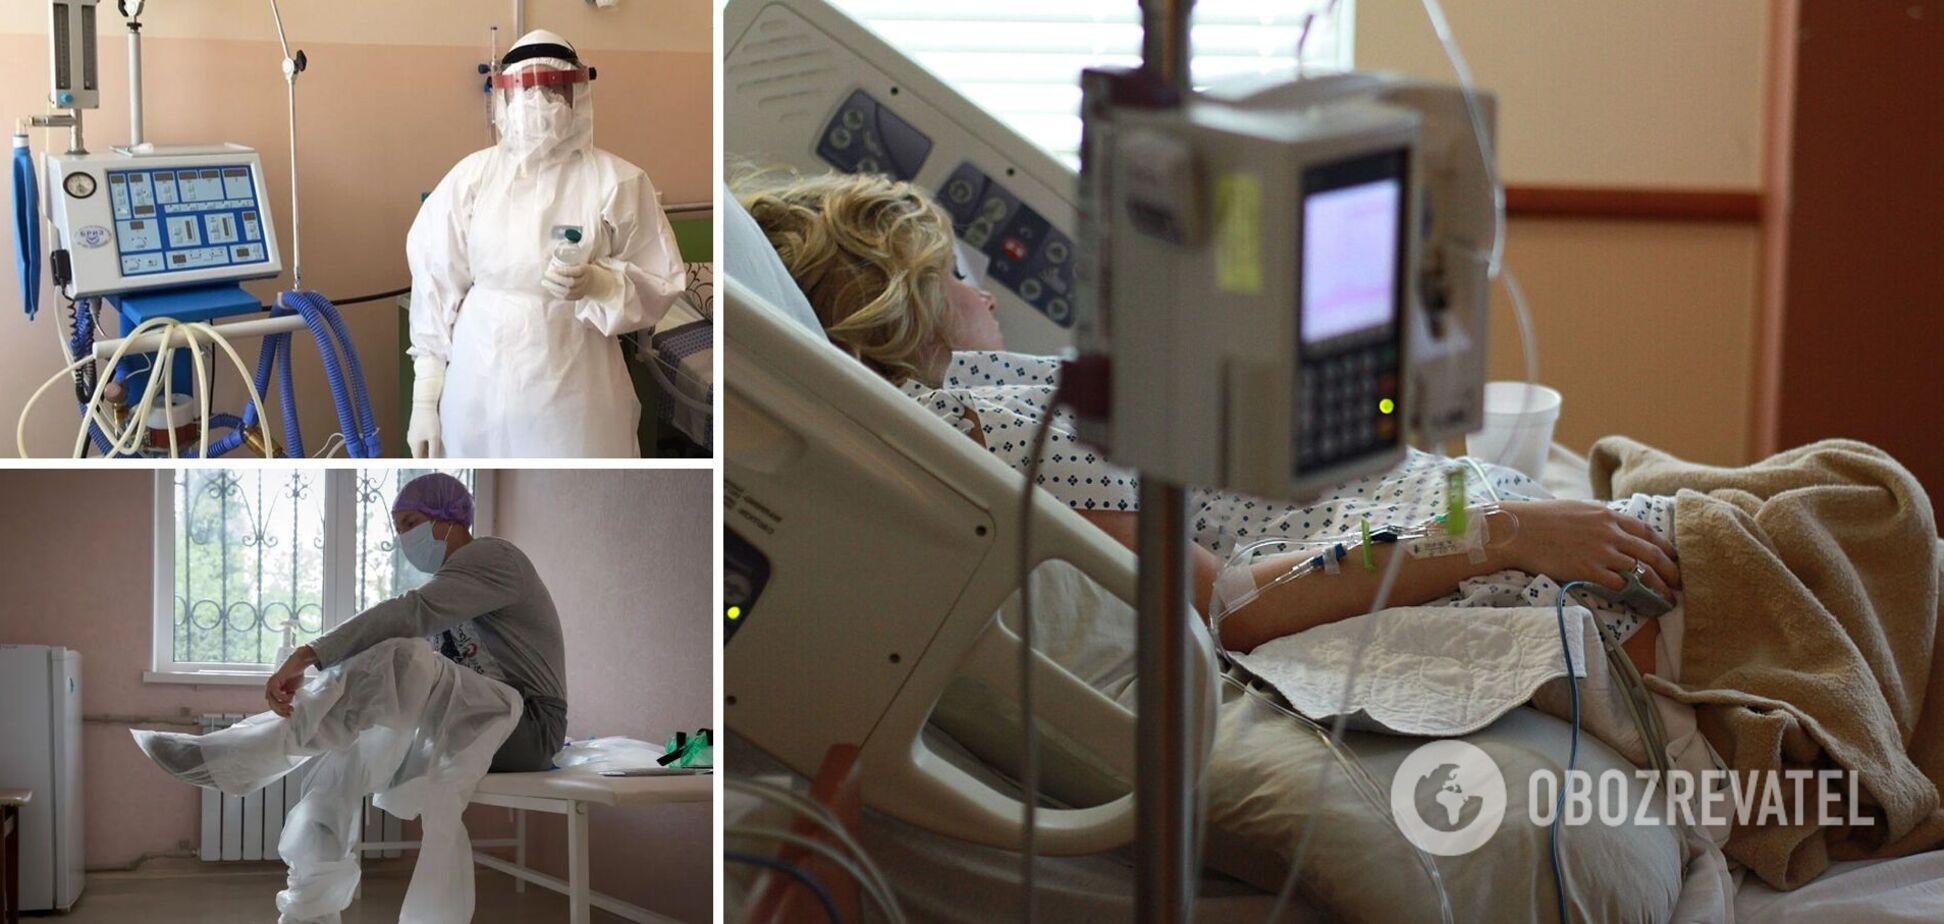 Після ШВЛ вмирають 9 із 10 українців з COVID-19: лікарі пояснили тривожну статистику